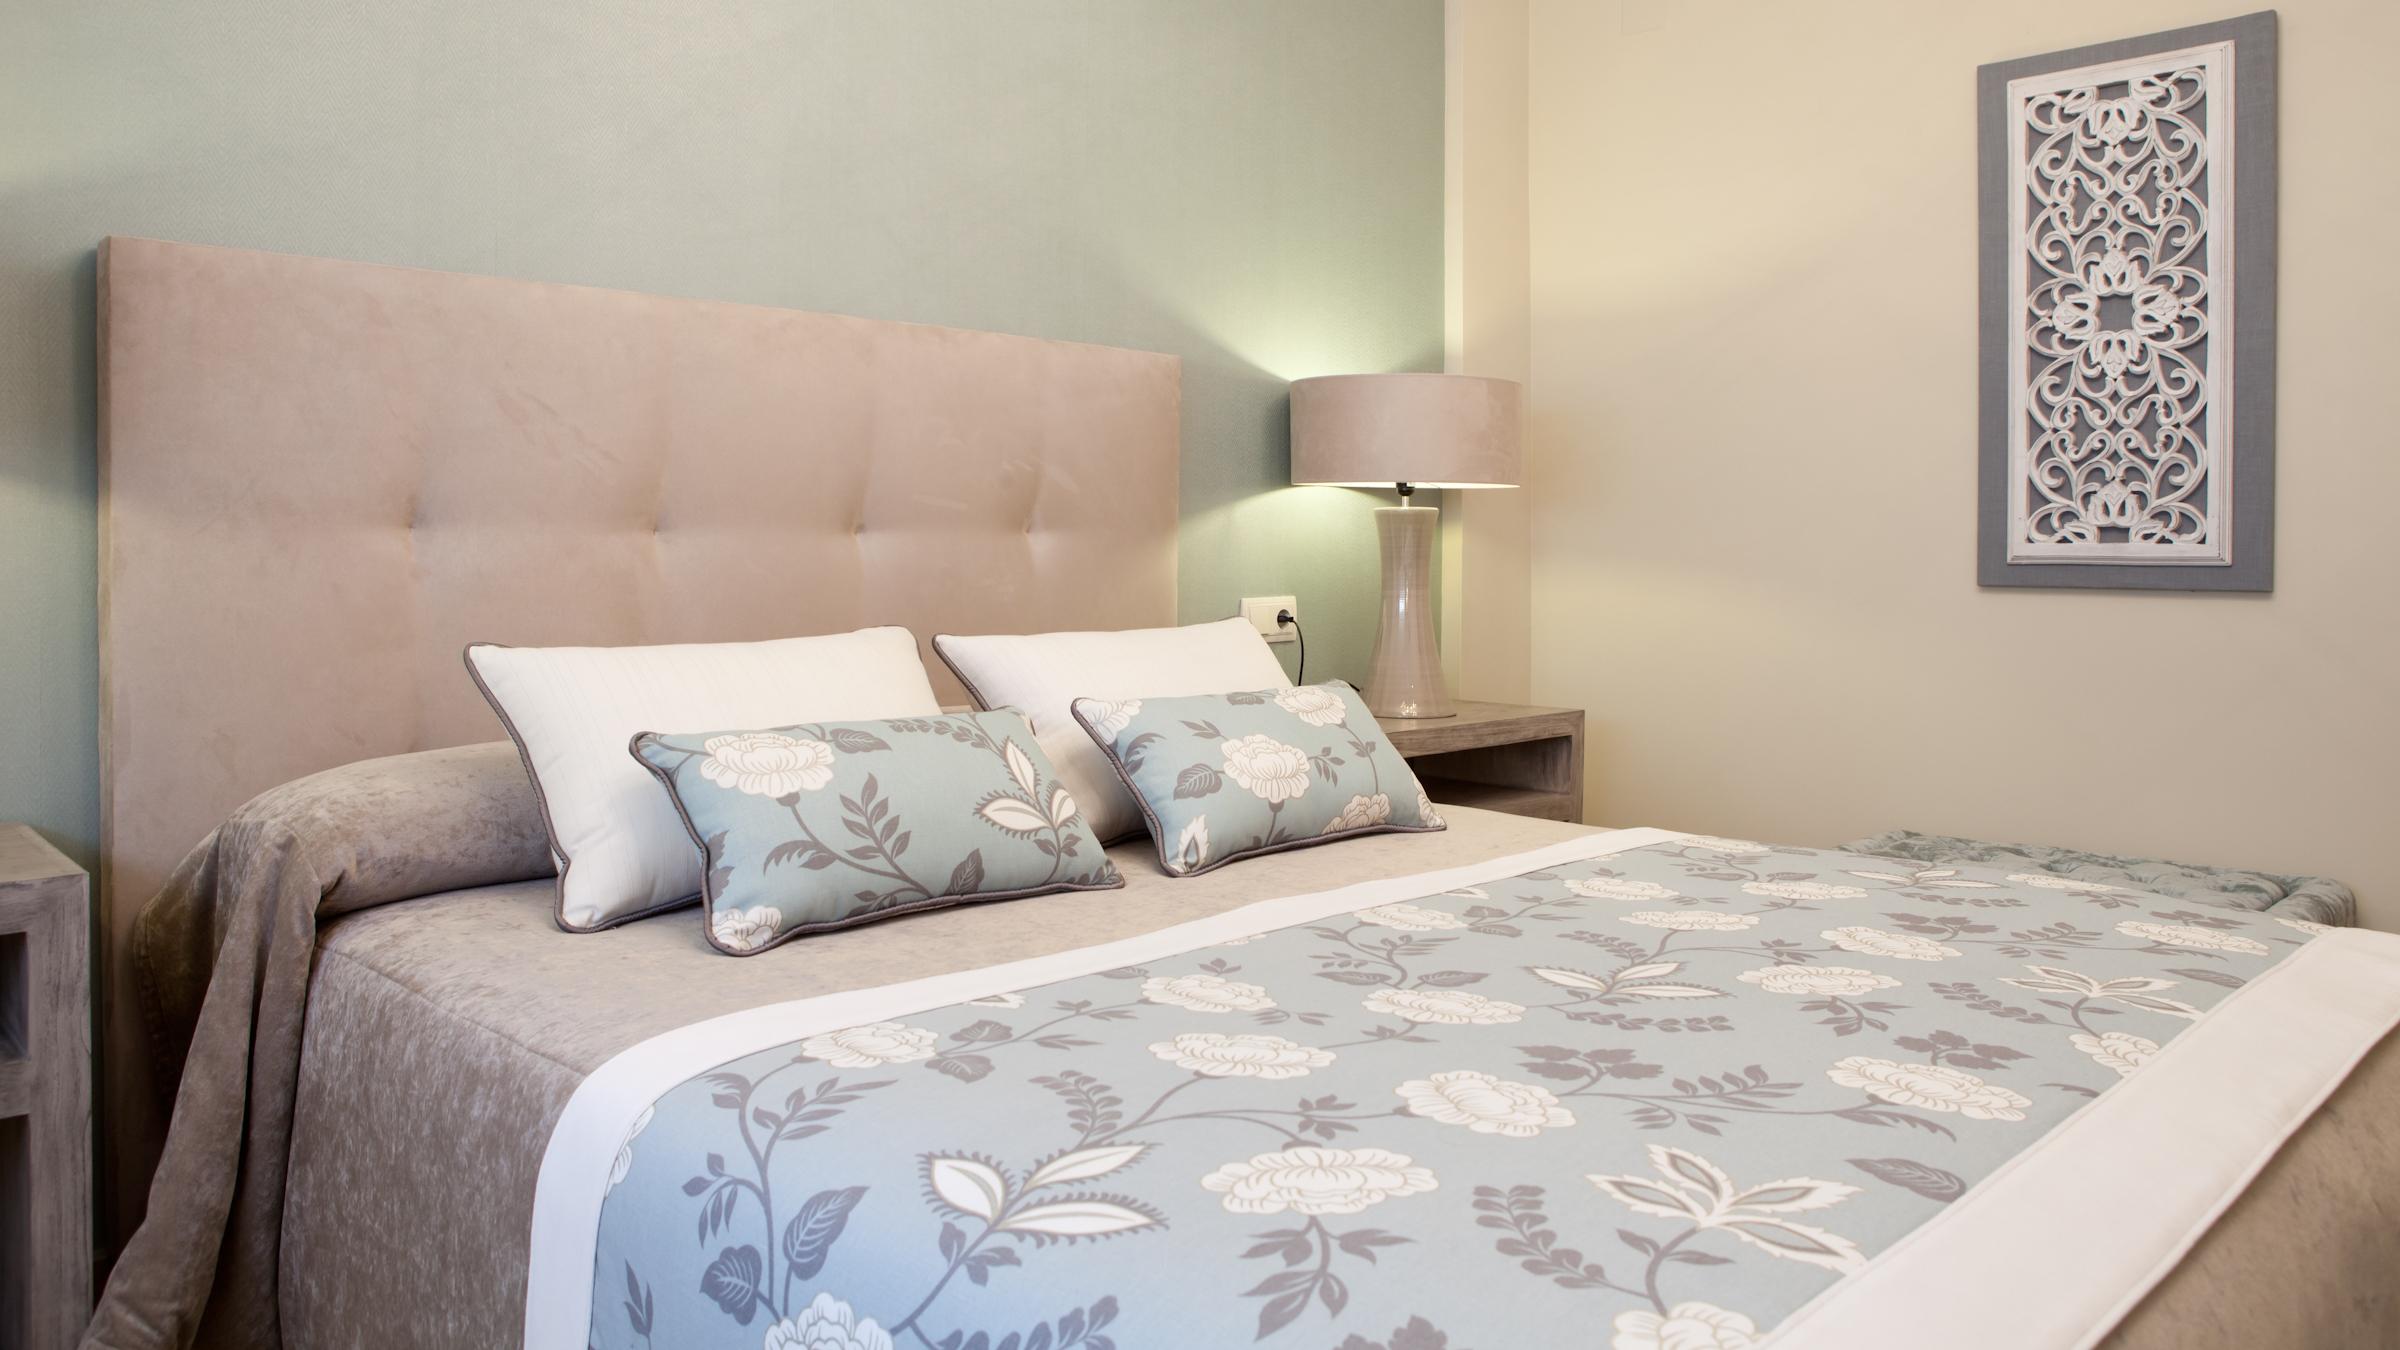 Decoracion cama ideas para decorar la pared de encima de - Feng shui cama ...